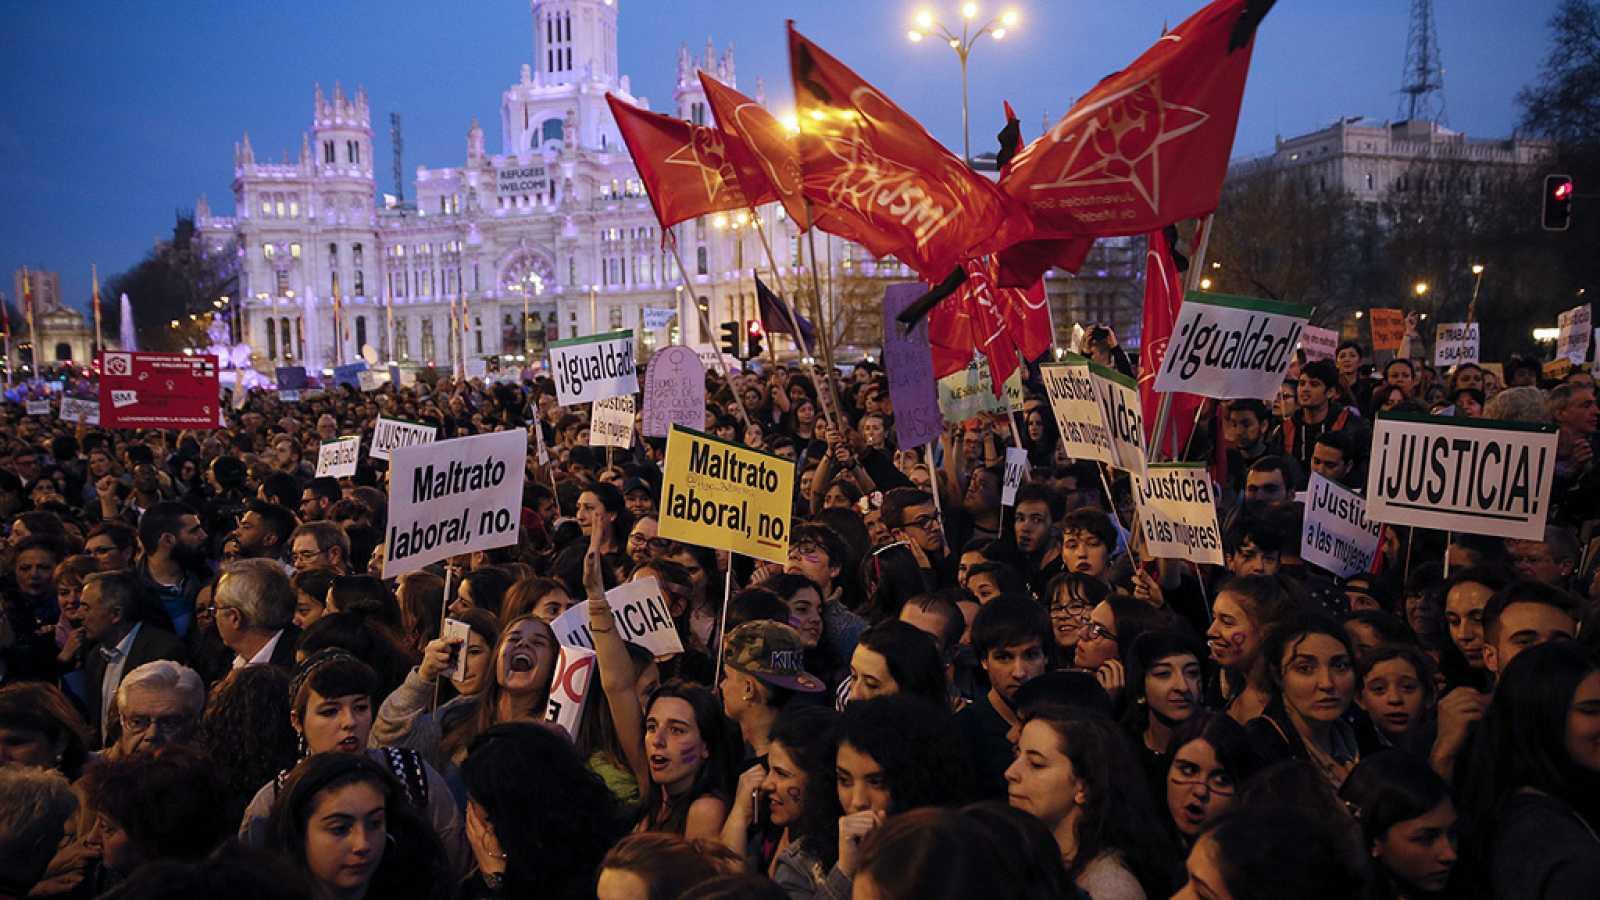 Día de la Mujer: 49 ciudades españolas se suman a las marchas en todo el mundo por la igualdad